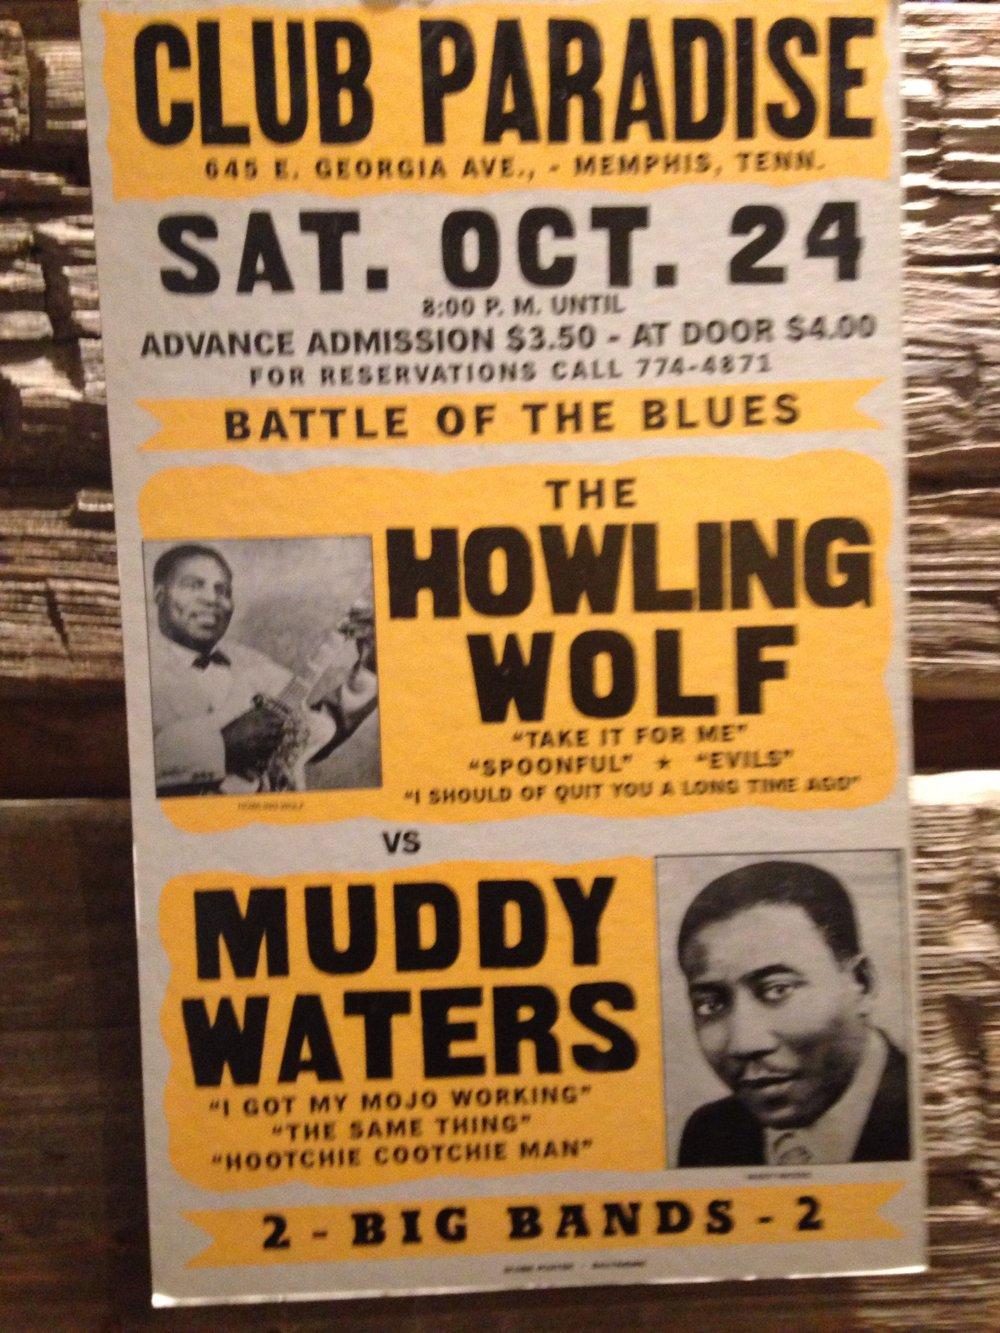 Concert Poster, Delta Blues Museum, Clarksdale, Mississippi, June 9, 2017.